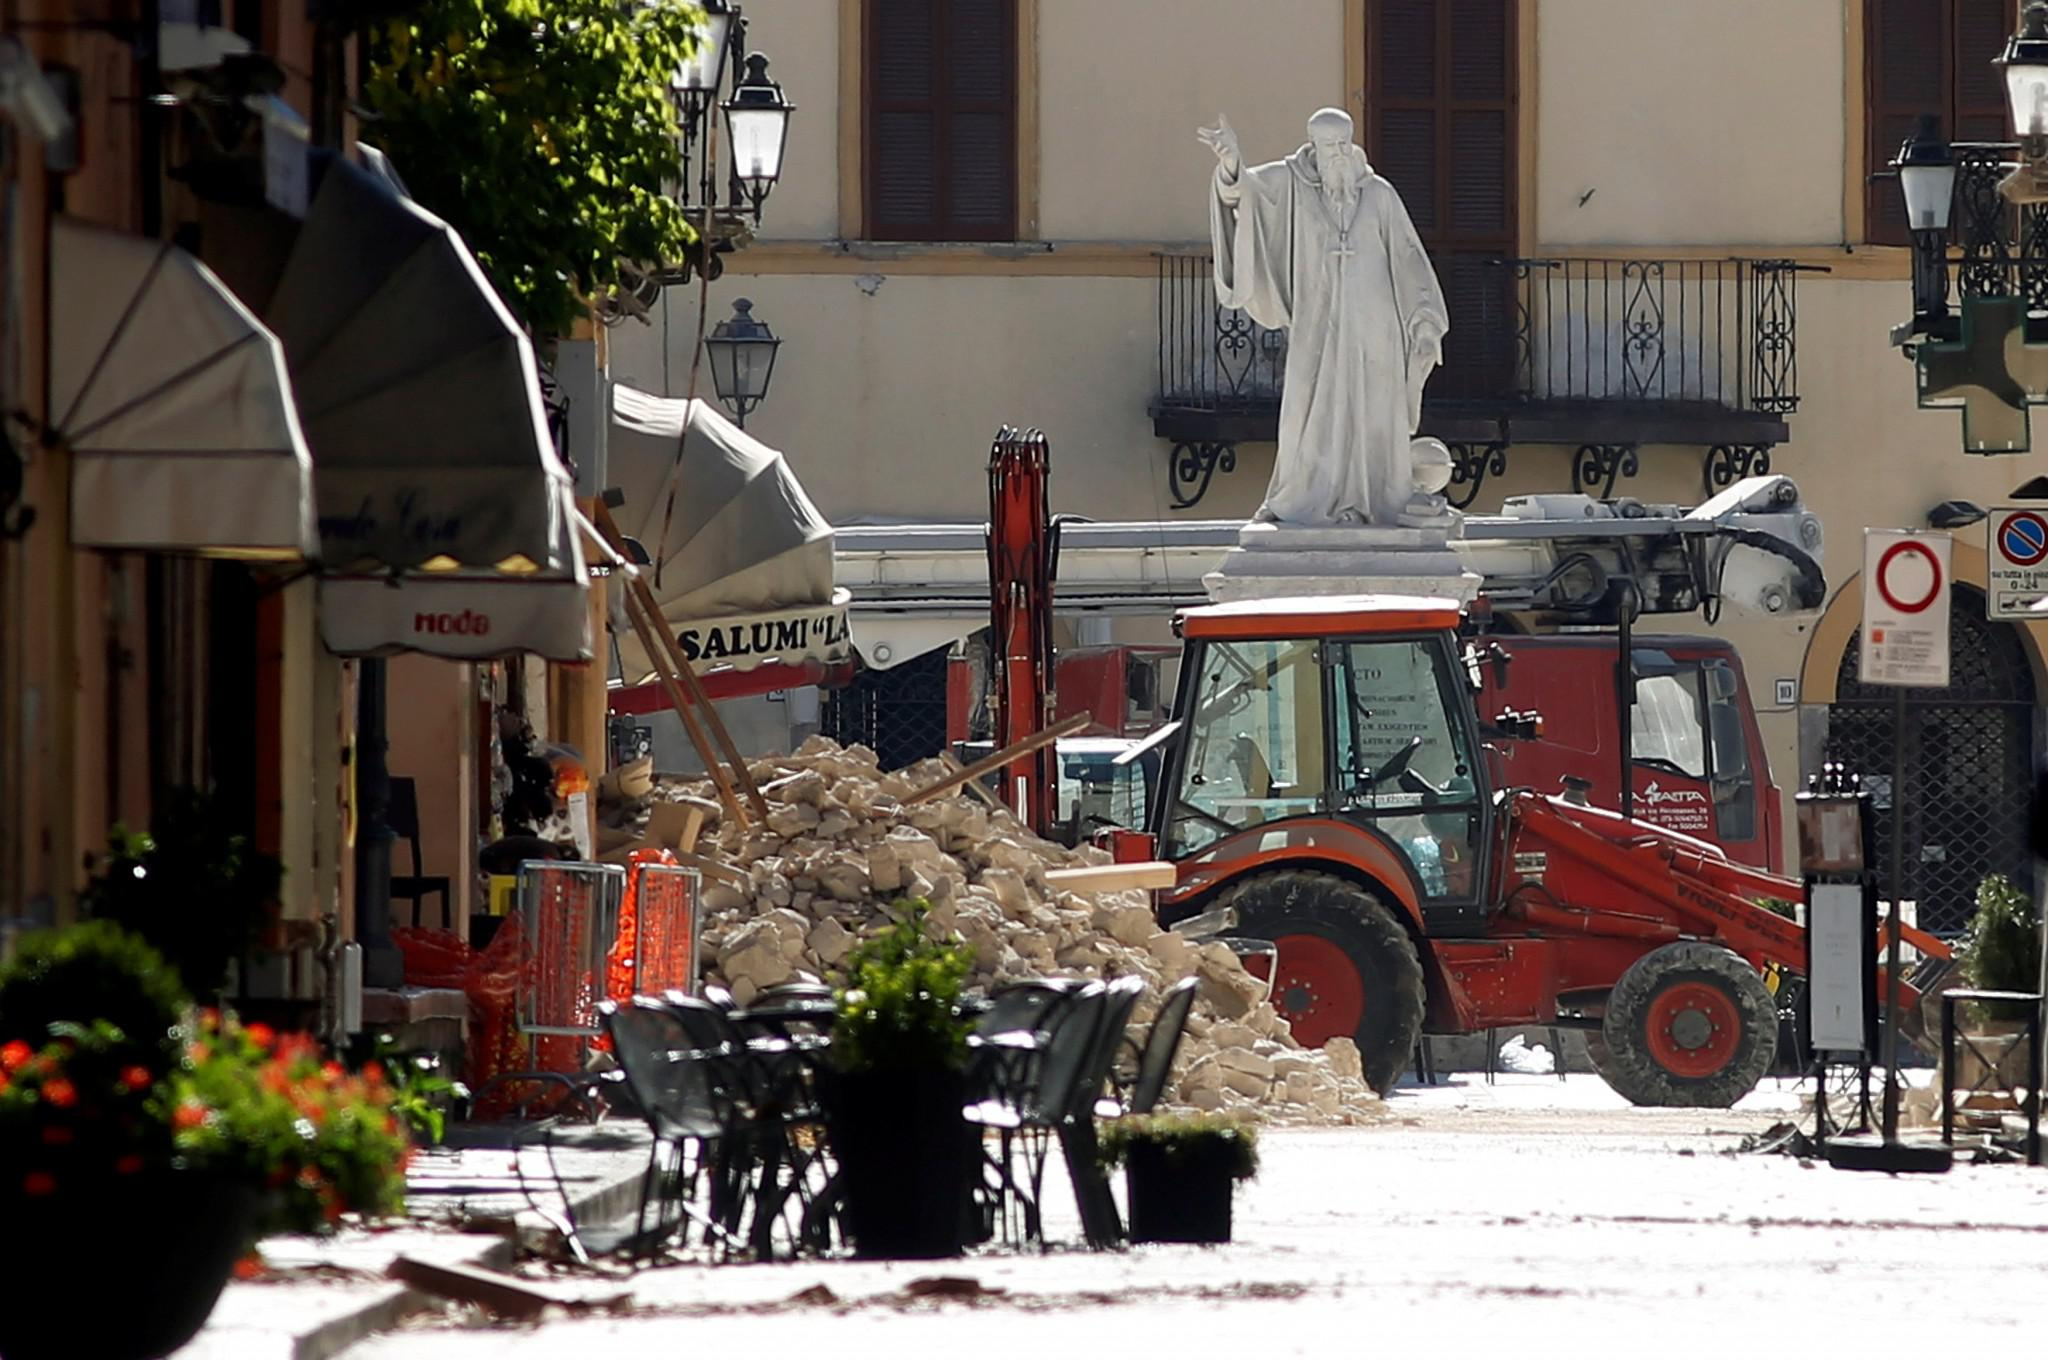 italia-seismos-traumaties-neos-1300-3